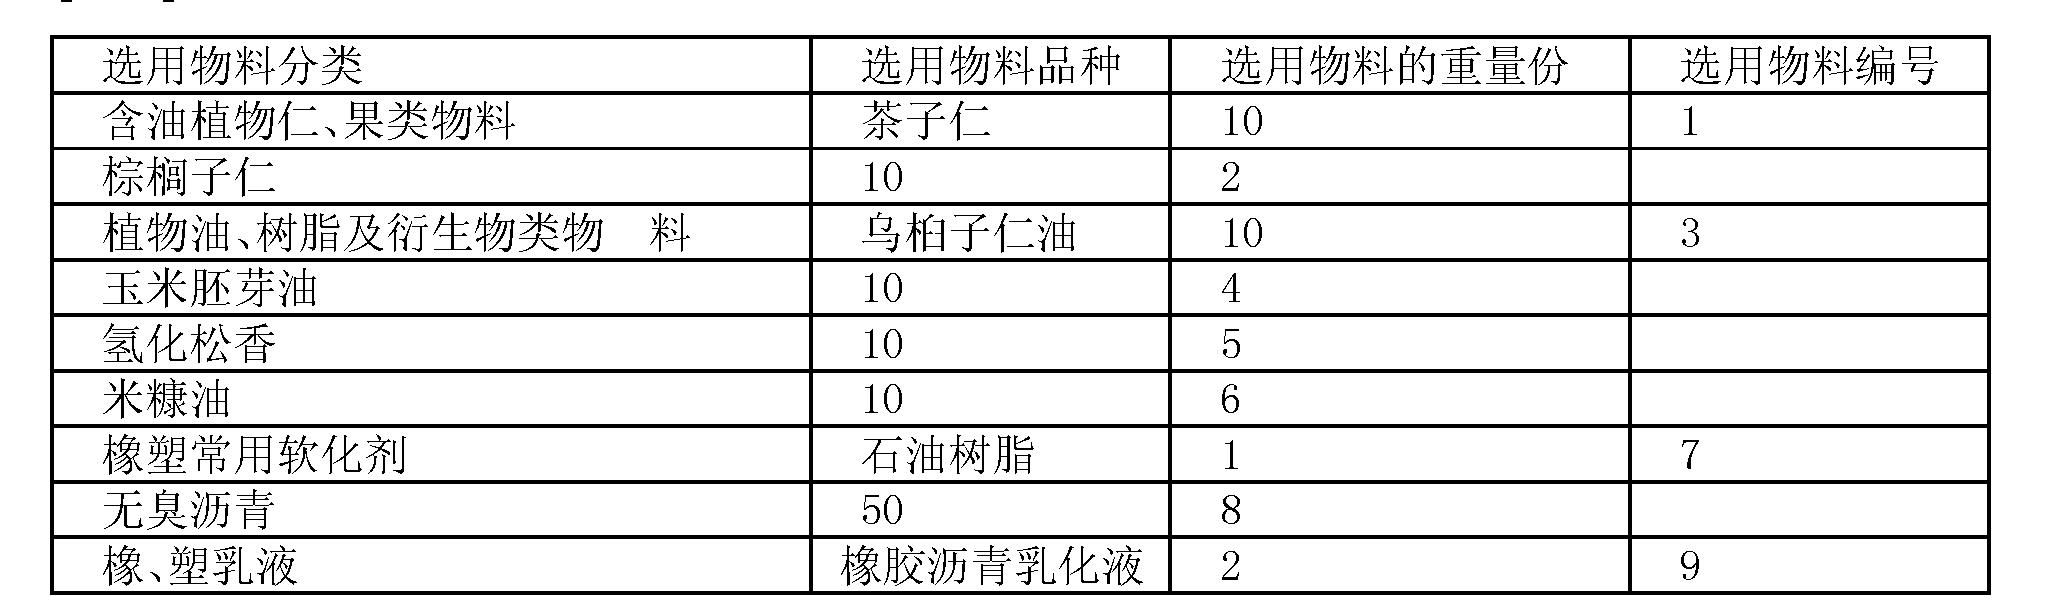 Figure CN101402745BD00351